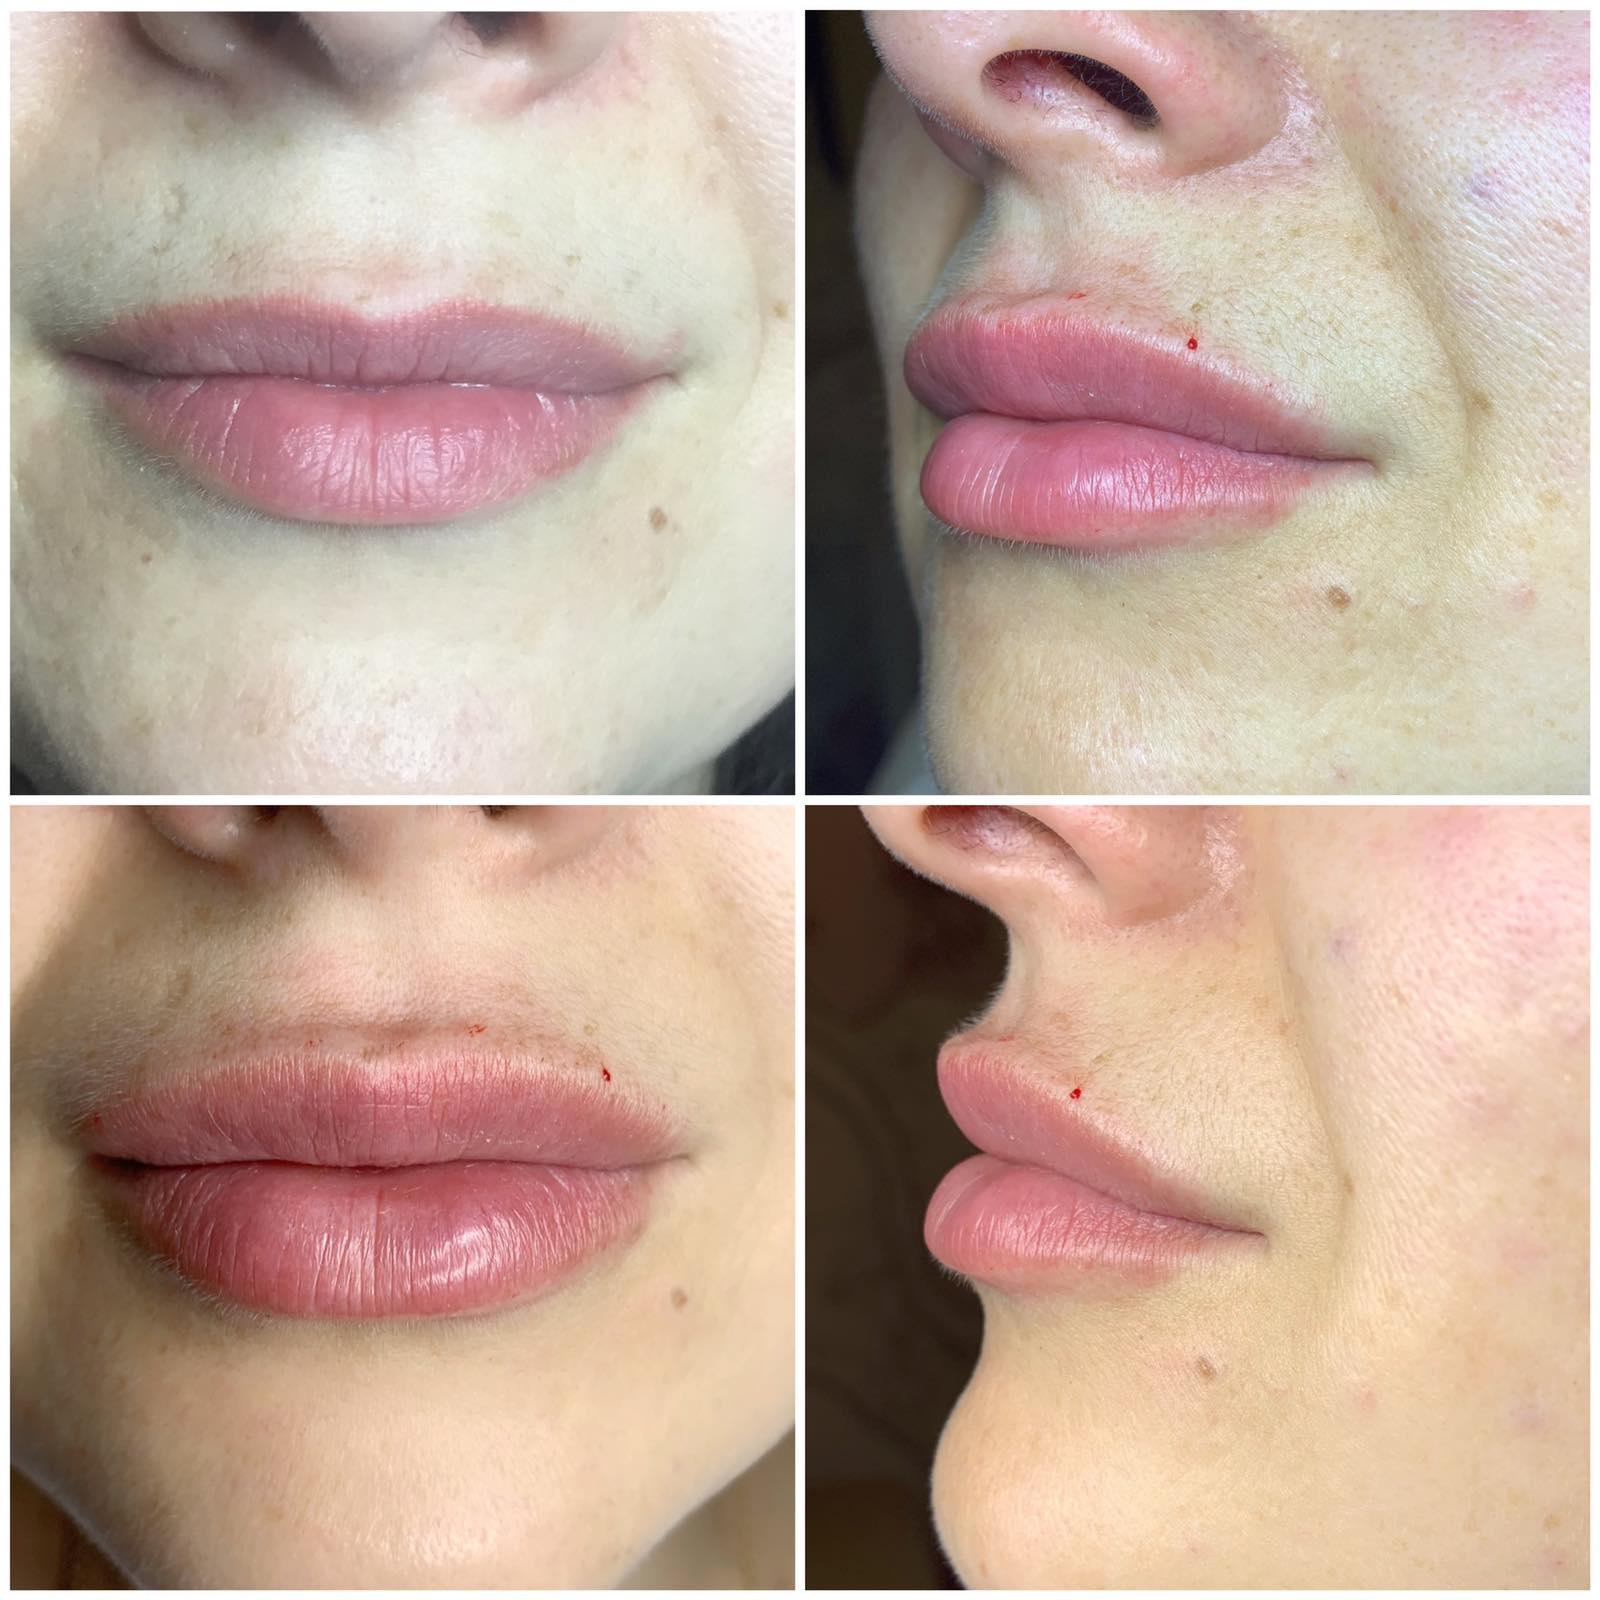 Збільшення губ: природній ефект: Івано-Франківськ